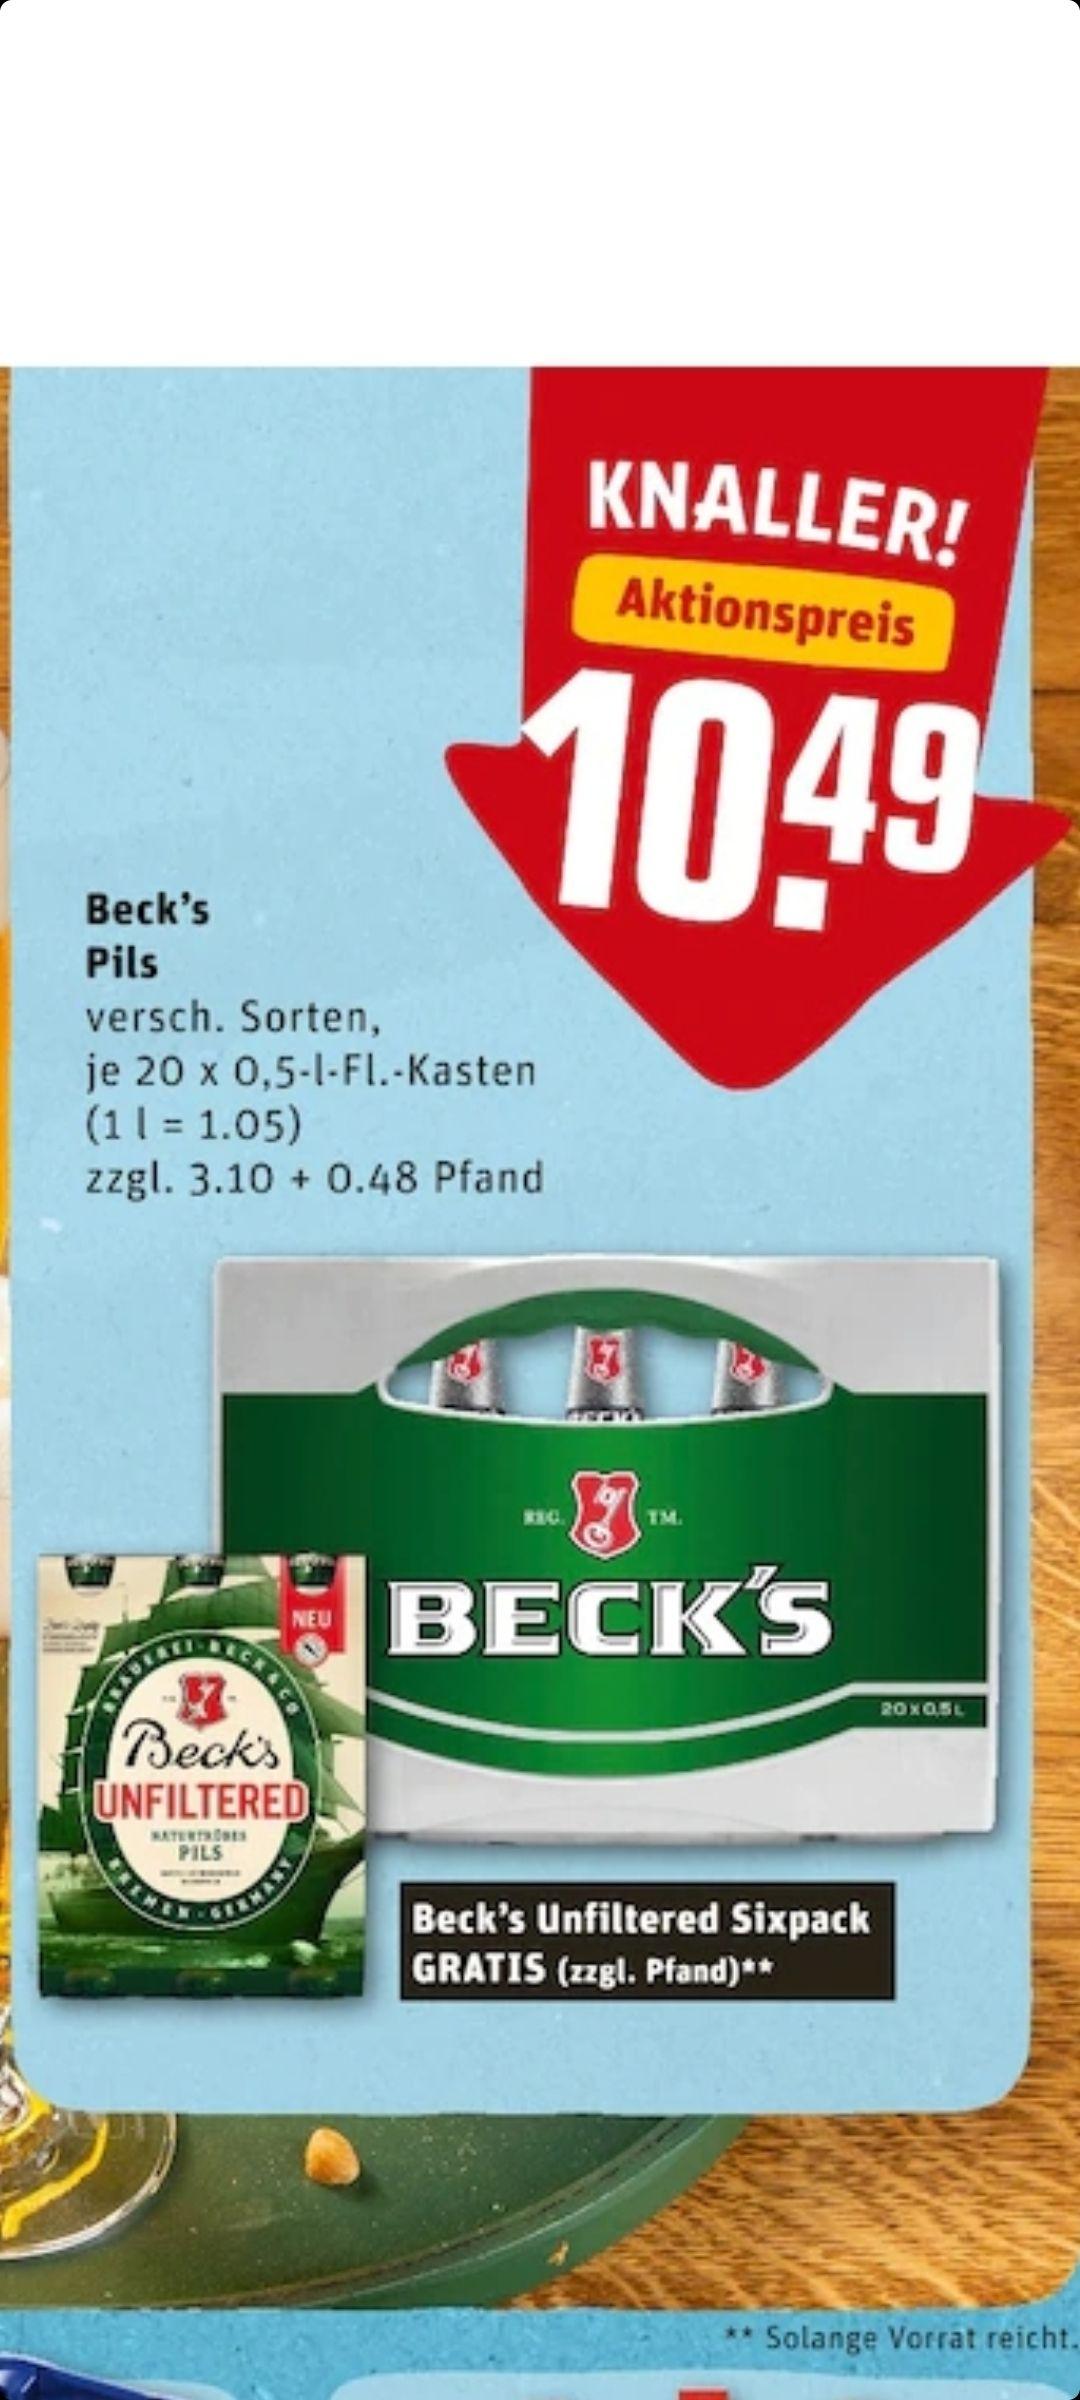 Rewe offline - Becks 20*0,5 oder 24*0,33 + Sixpack Becks unfiltered gratis (Lokal RLP, SAL, NRW?)